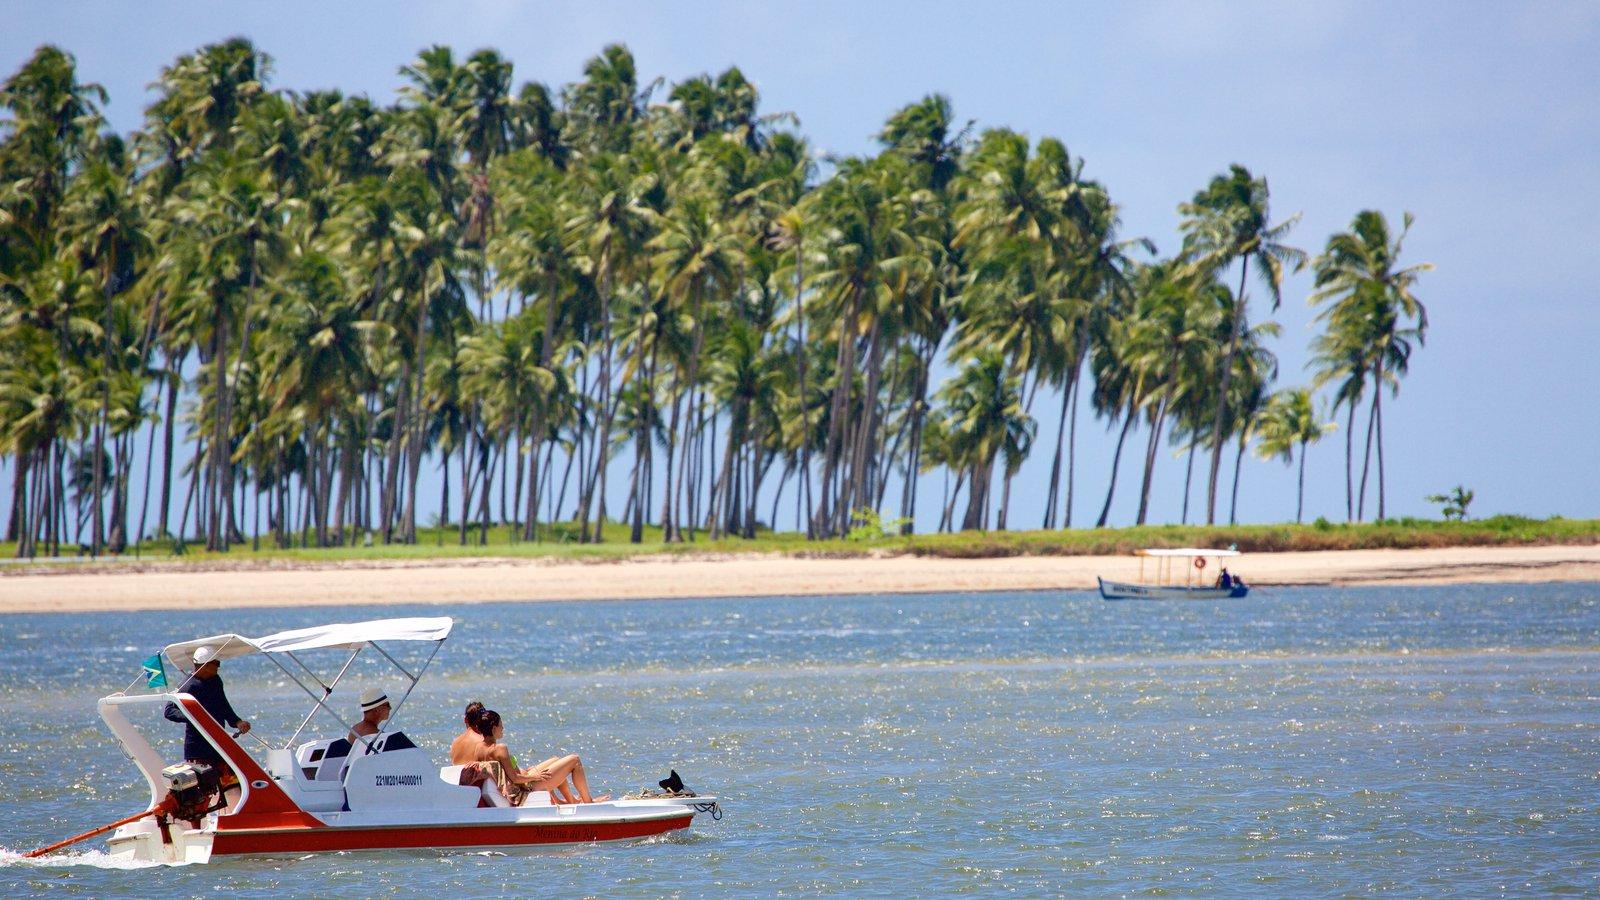 Tamandaré caracterizando uma praia de areia, paisagens litorâneas e cenas tropicais